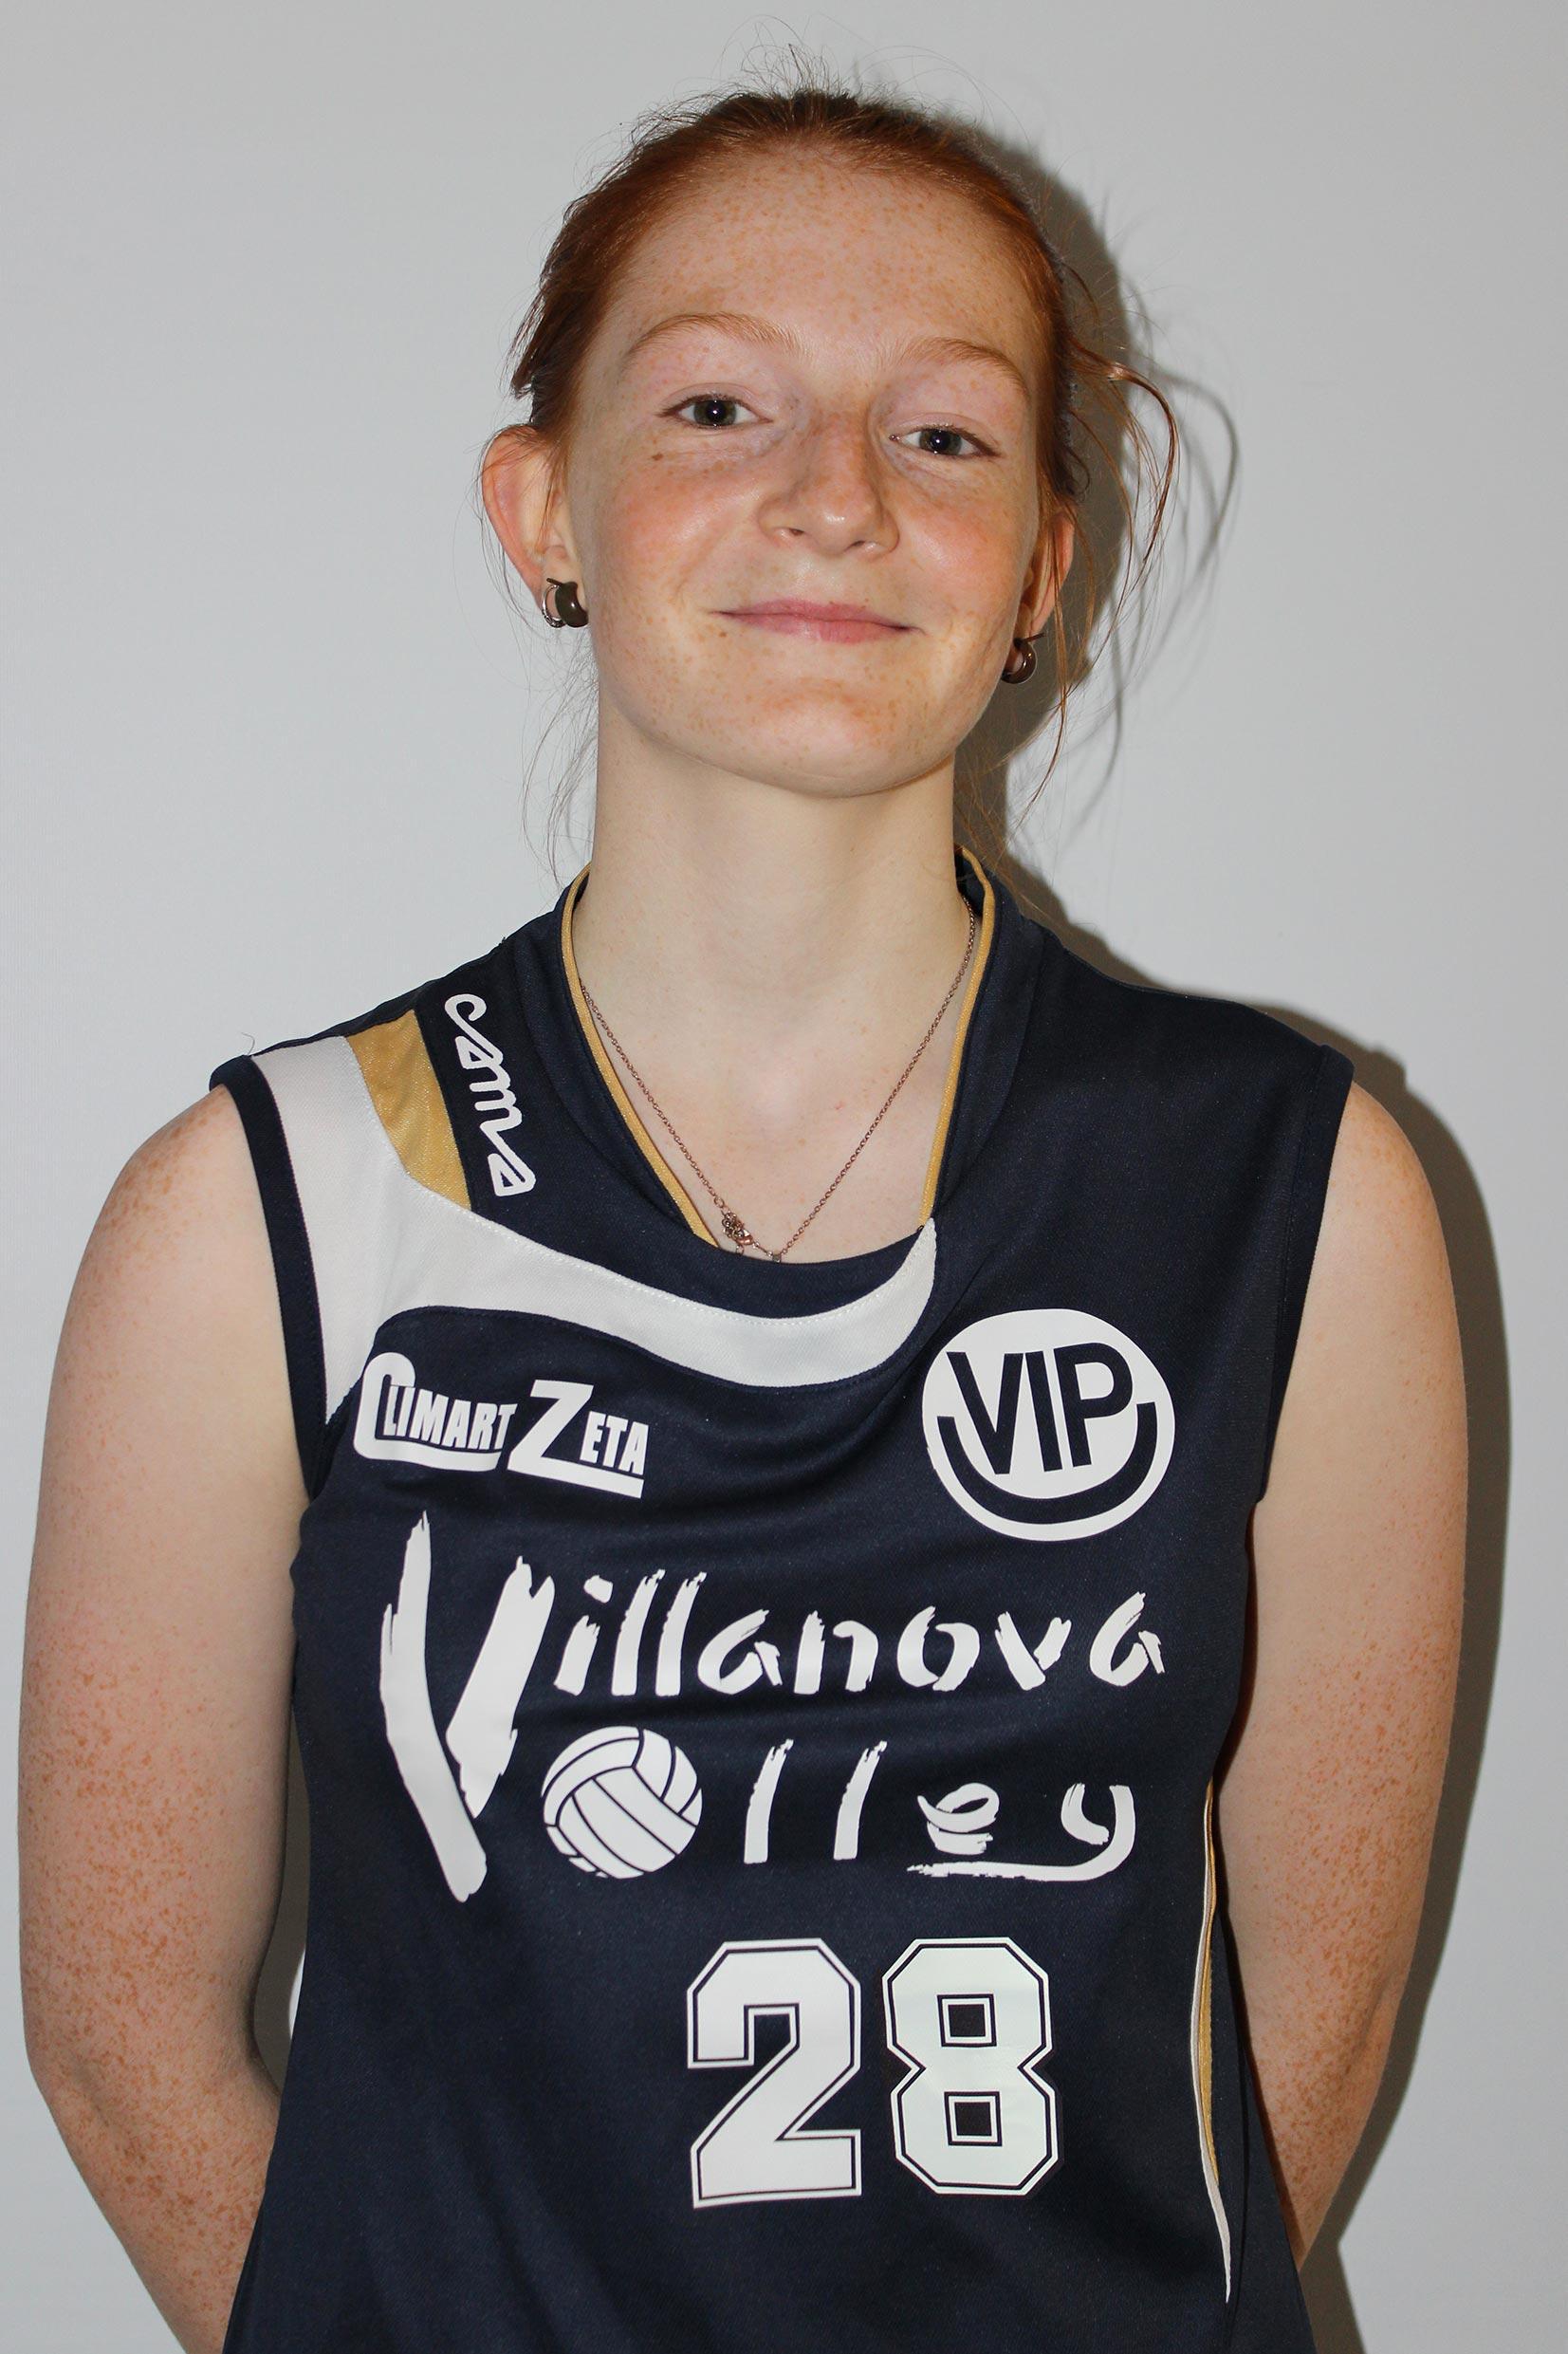 Irene Chiari